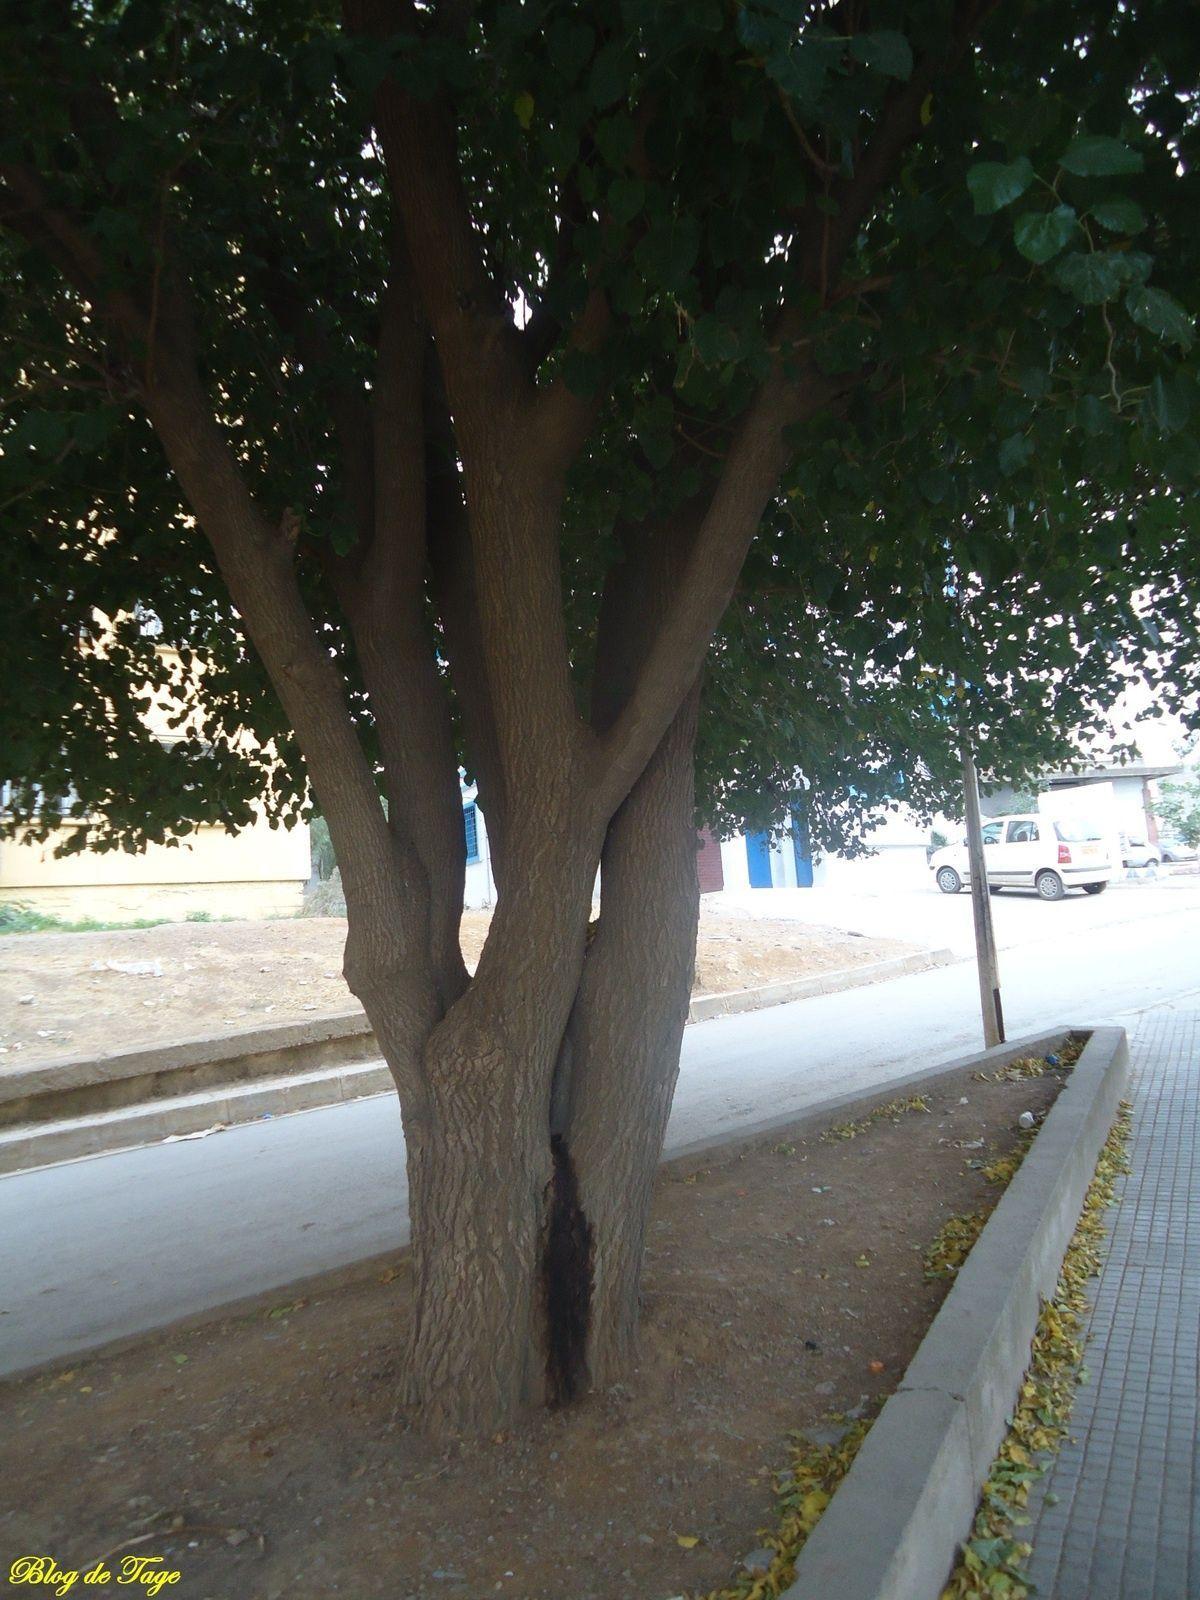 التوت ق مجلة Tagemagazine مجلة تاج Plants Tree Tree Trunk